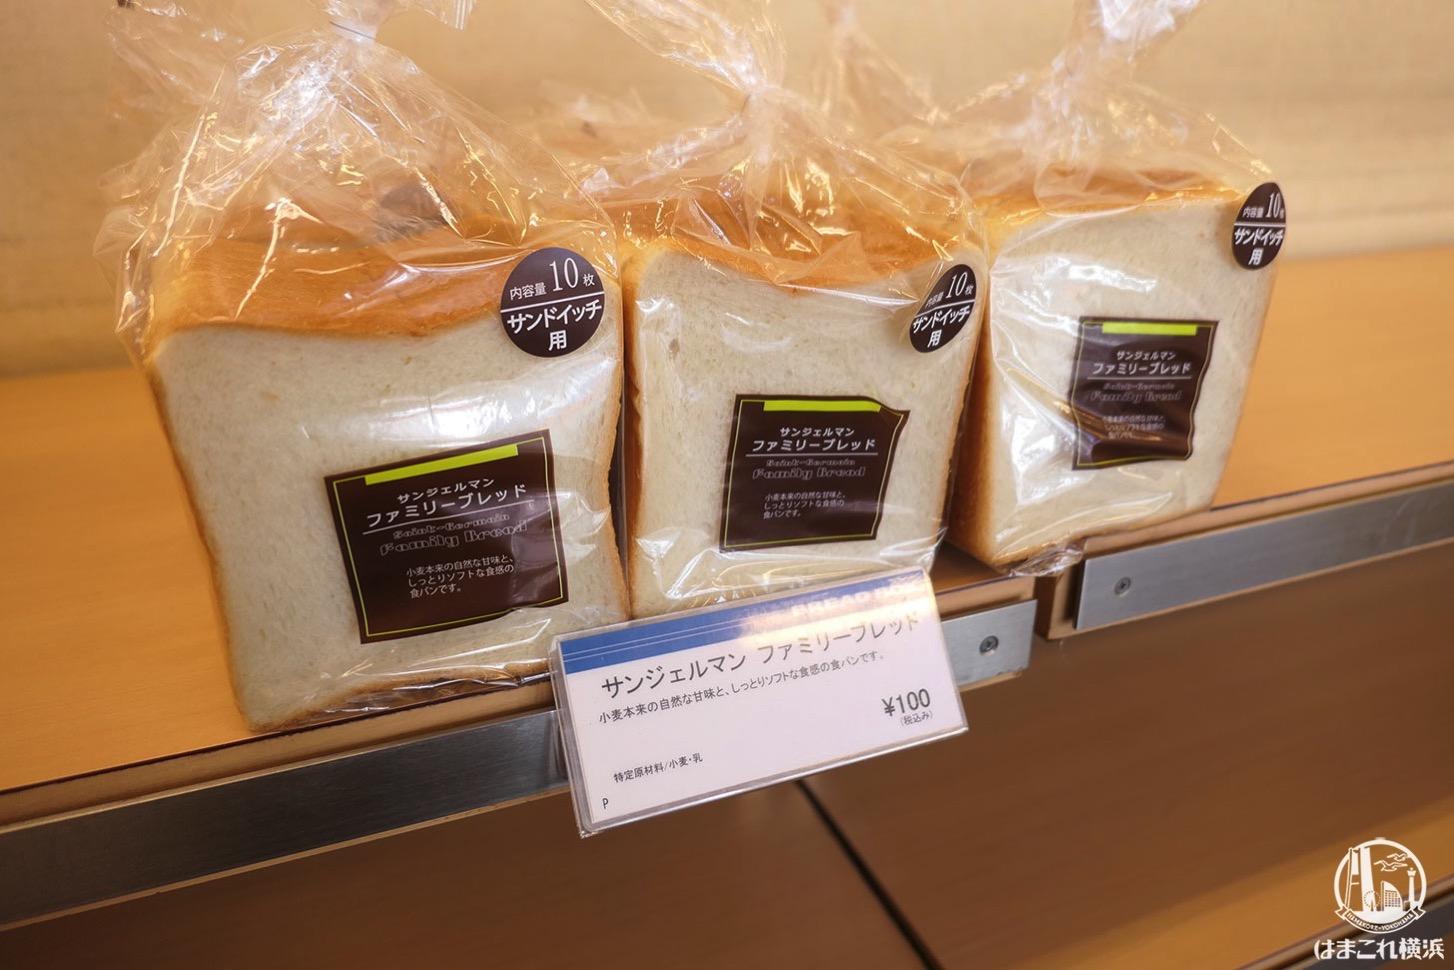 サンジェルマンのパンがアウトレットで激安!北新横浜の工場直売ブレッドボックス